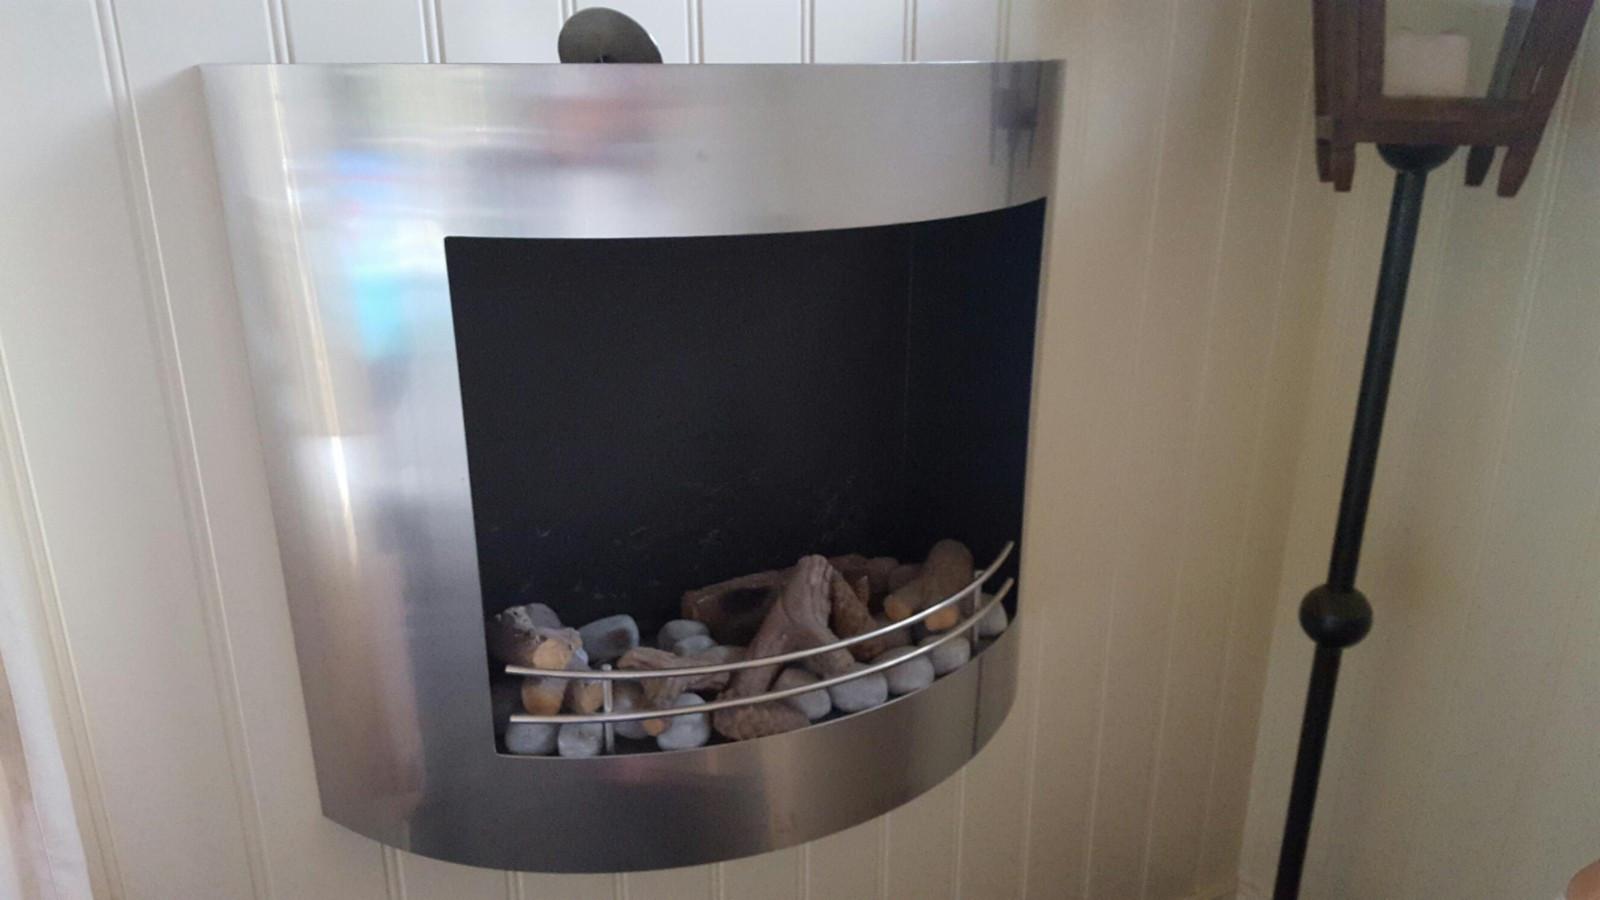 Bio/olje Peis - Stavern  - Selger fin og koselig bio Peis. Det er 3 stk kammer som fylles med Biogel. Det går ca 0.4 liter i hvert kammer og brenner i ca 1 time. Den gir også veldig god varme så det lønner ikke fylle dem fulle for det blir varmt, flamme kan slukkes m - Stavern